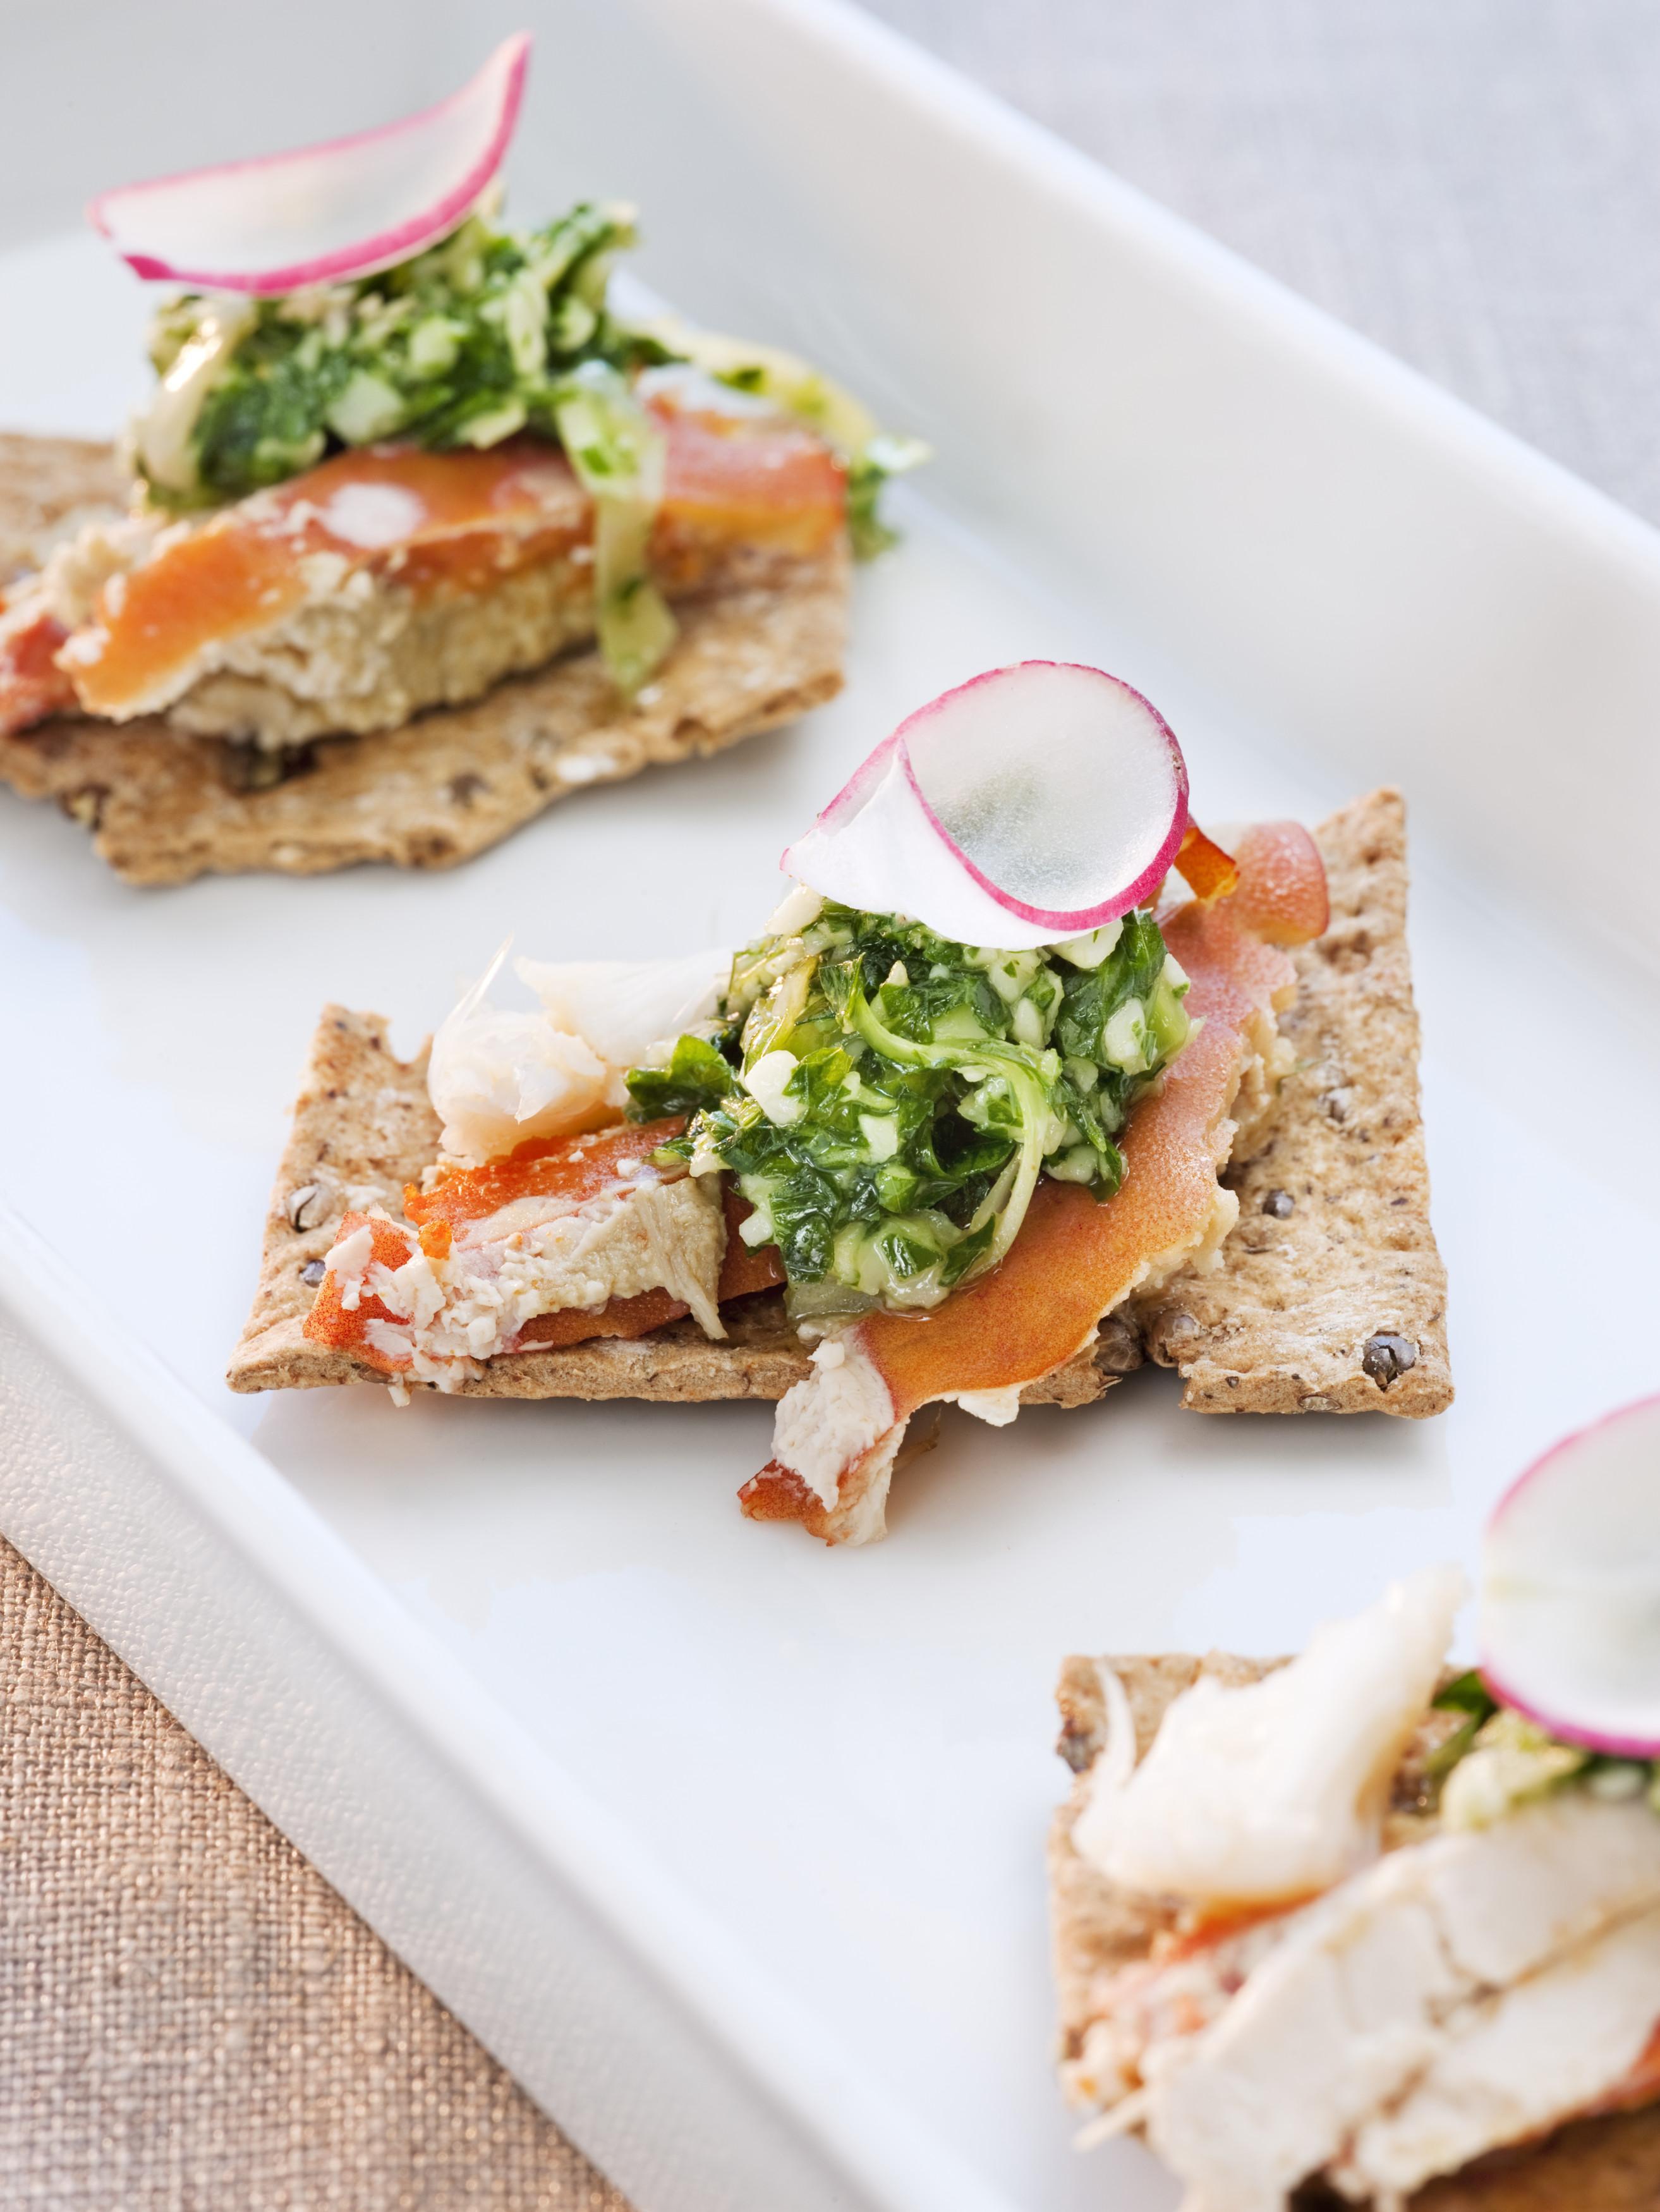 Protagonista indiscutible de la gastronomía sueca, el salmón no puede faltar en el Midsummer.